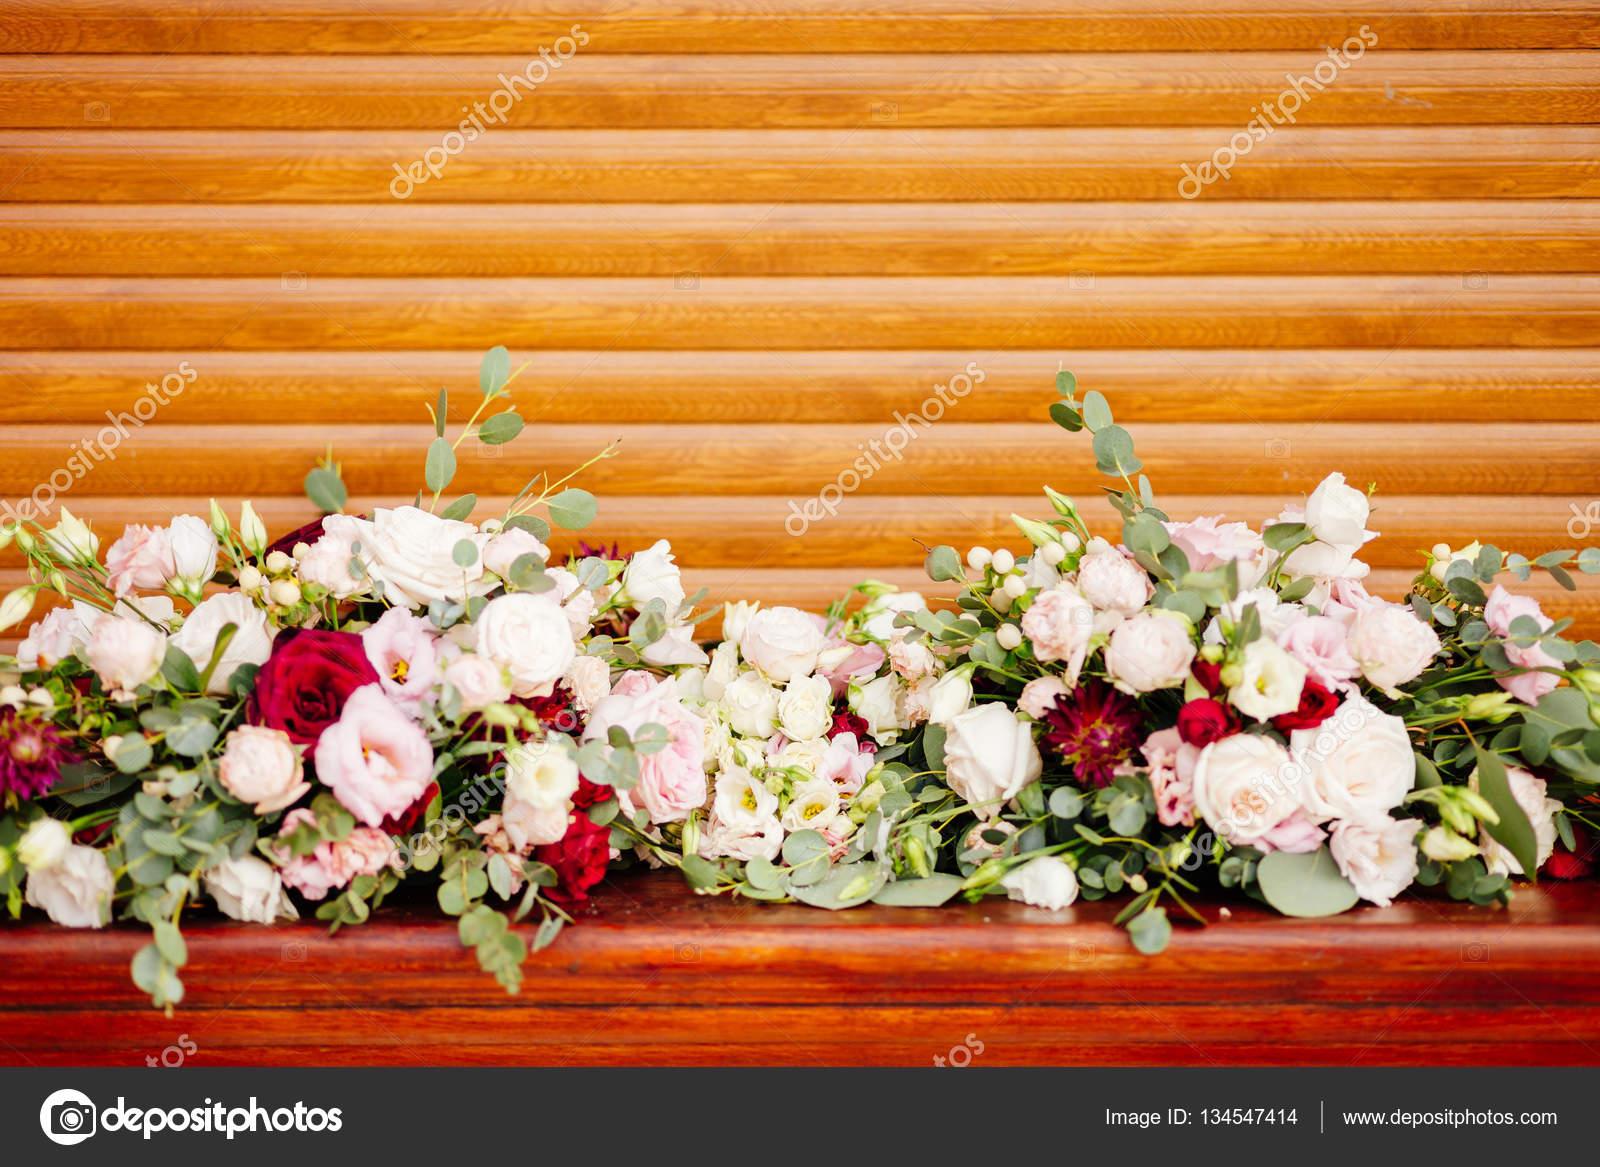 Dekoracje ślubne Kwiaty Na Tle Drewna Zdjęcie Stockowe Shevtsovy